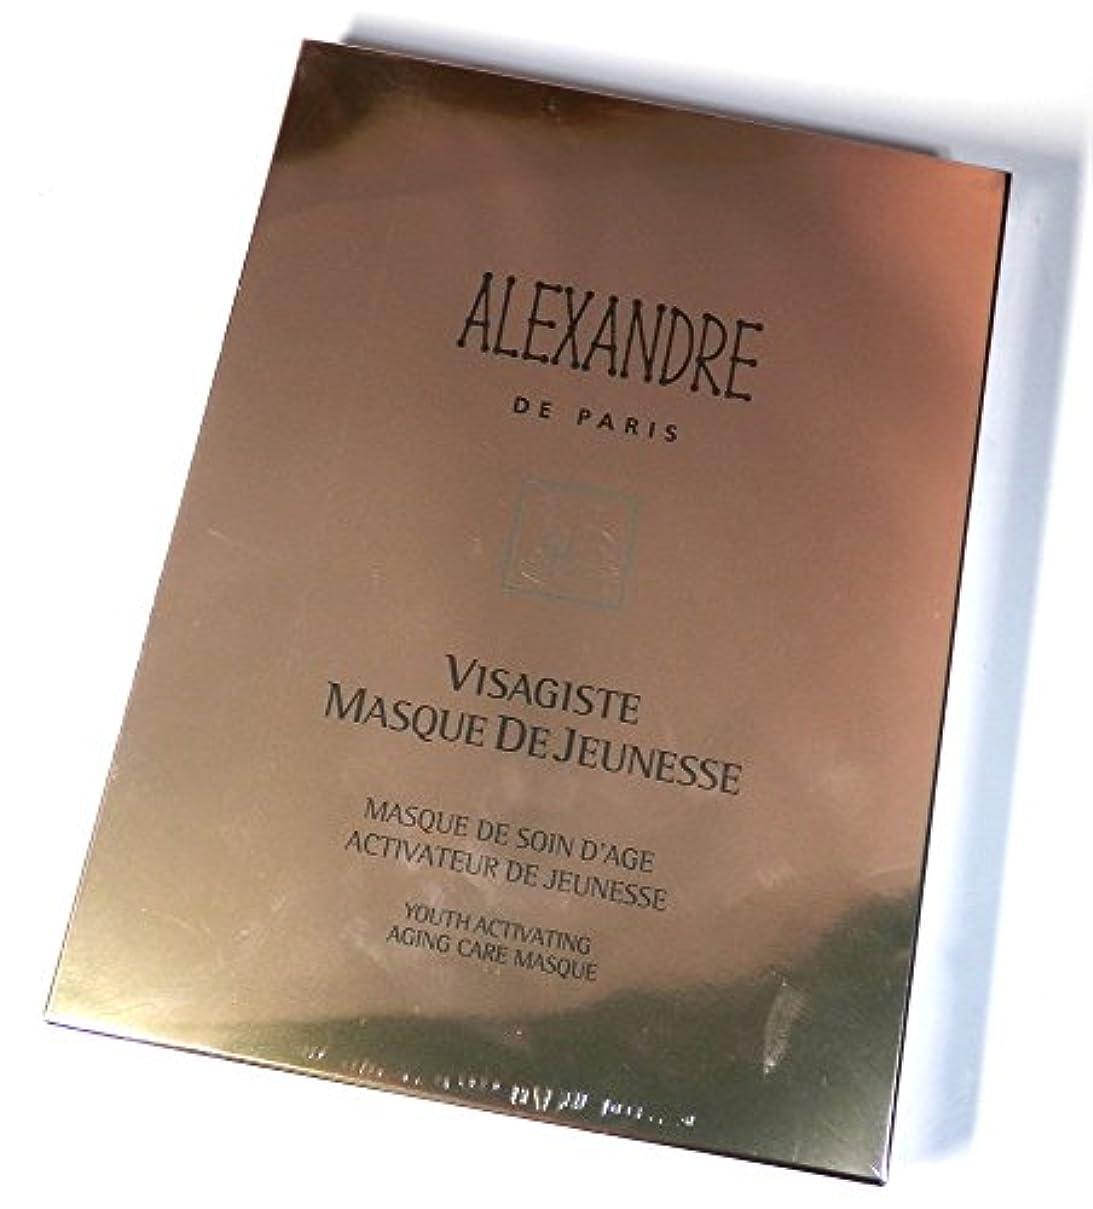 必要性敬わざわざアレクサンドルドゥパリ ヴィザジスト マスクドゥジュネス(シート状トリートメントマスク)16mL×6枚 新品